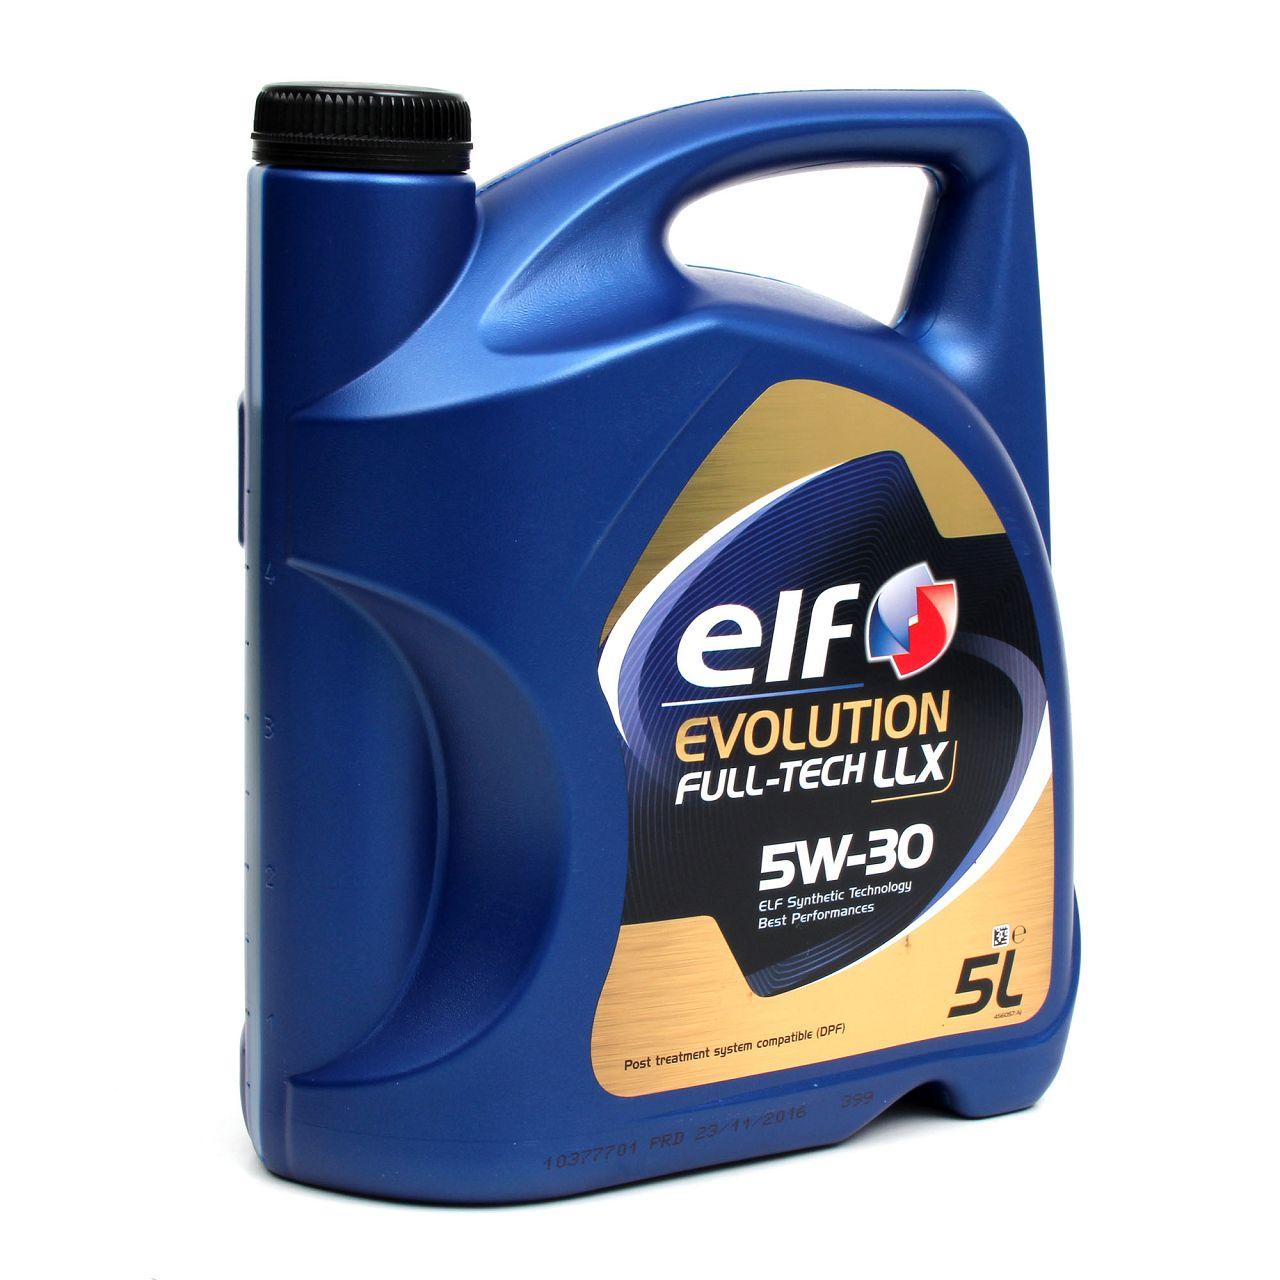 5L elf Evolution Full-Tech LLX 5W-30 Motoröl 504.00/507.00 MB 229.51 - 5 Liter